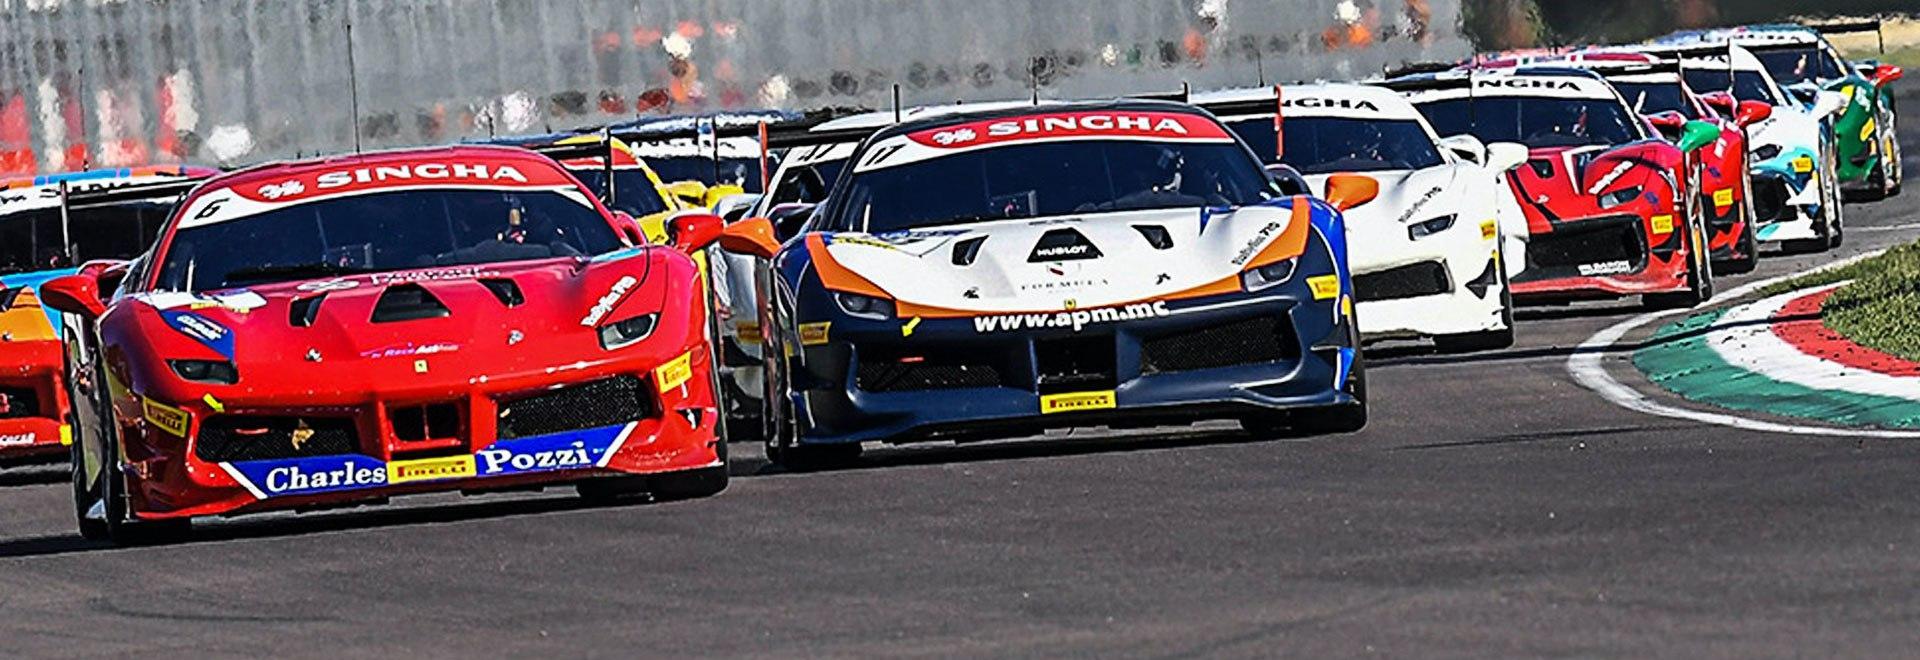 Trofeo Pirelli Imola